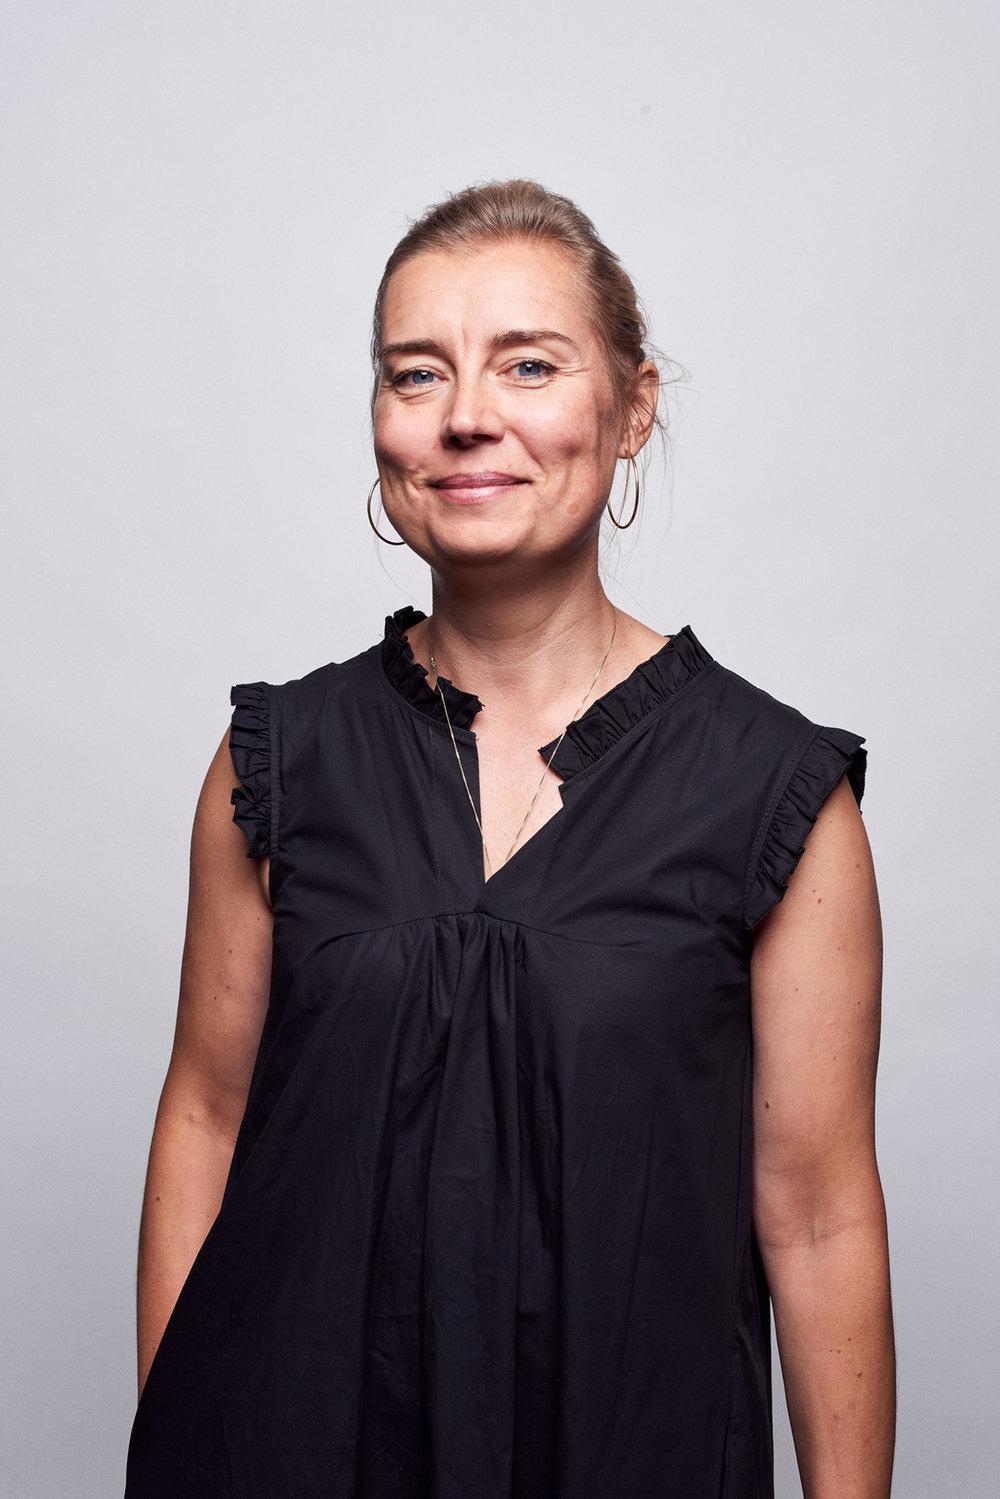 <strong>Lykke Tærsbøl</strong><br>Project Manager<br>lykke@above.se<br>+46 722 284 210